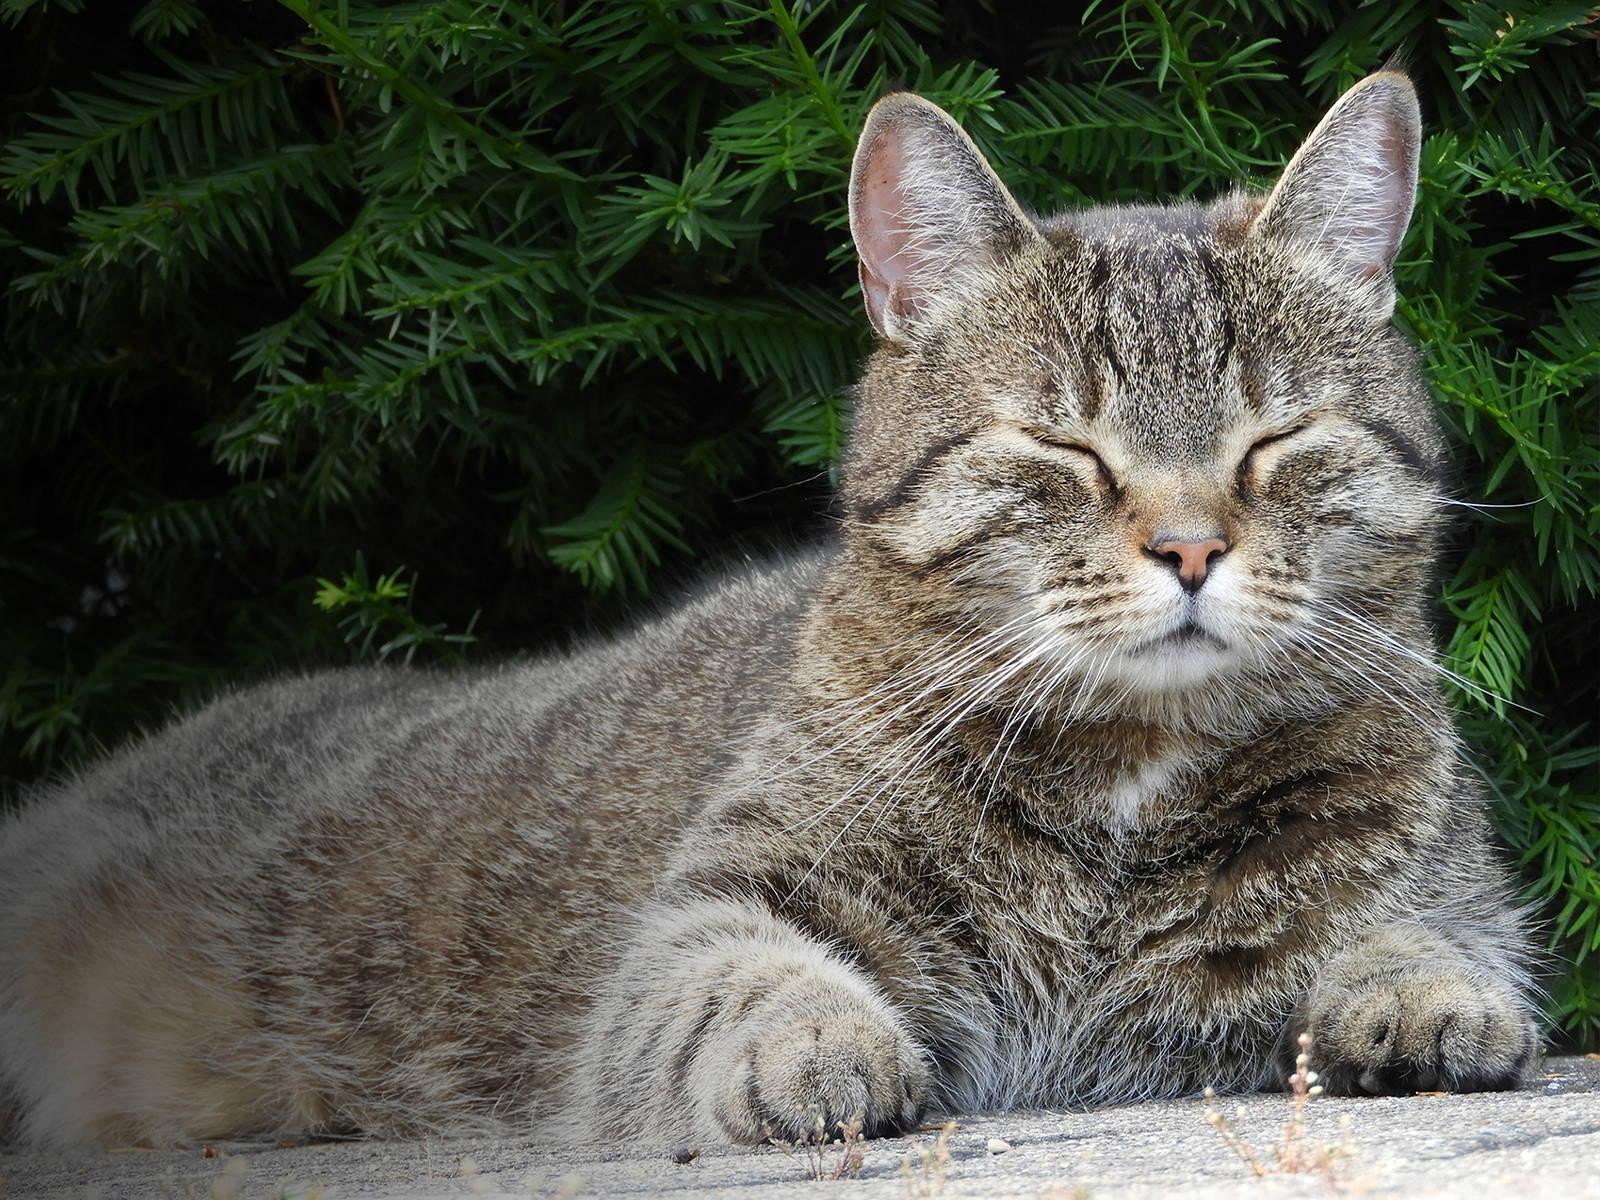 Müde Katze schläft viel - Titelbild